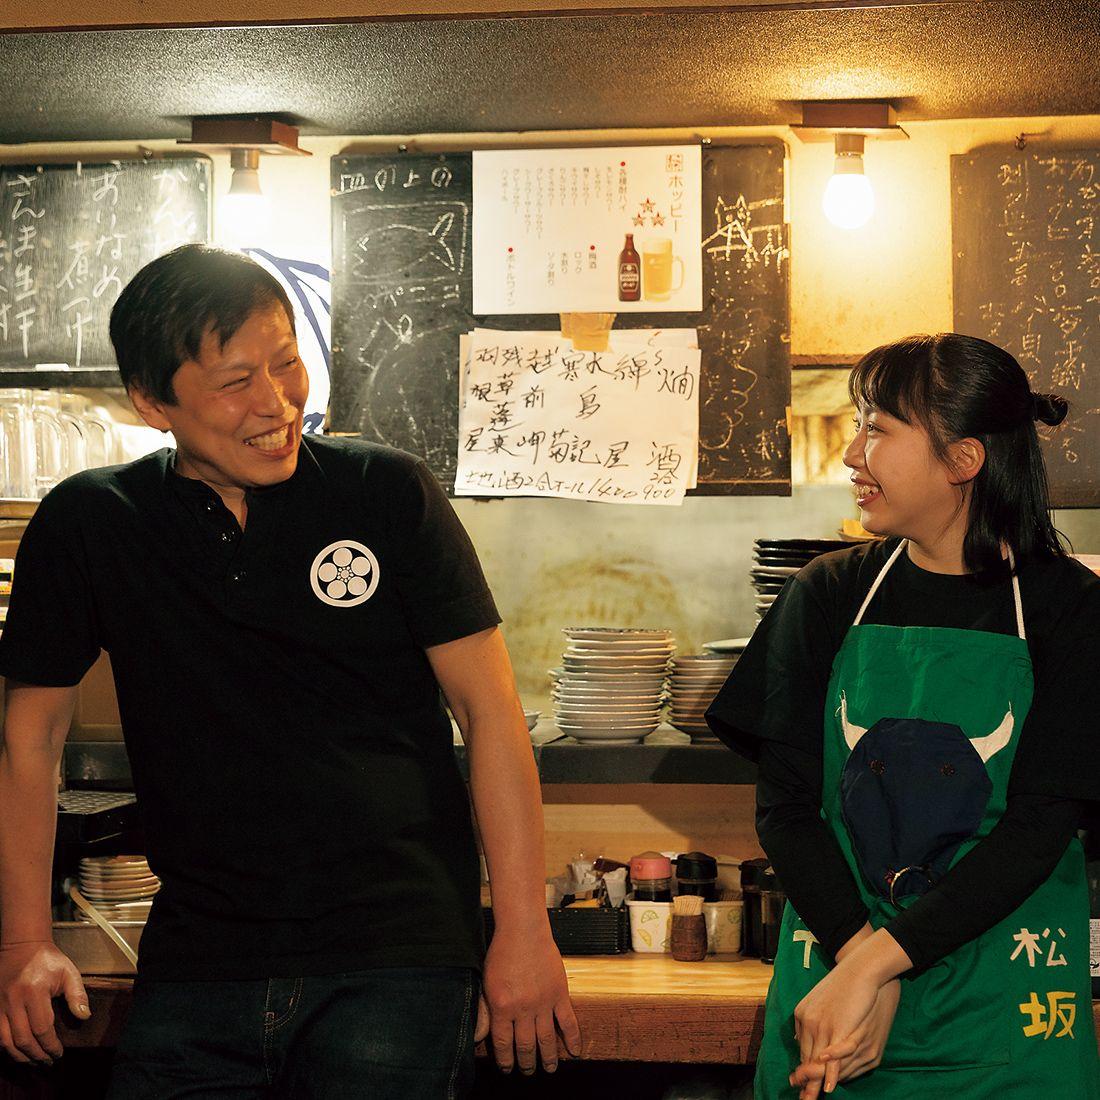 店主の岩見和年さんと娘の悠可さん。